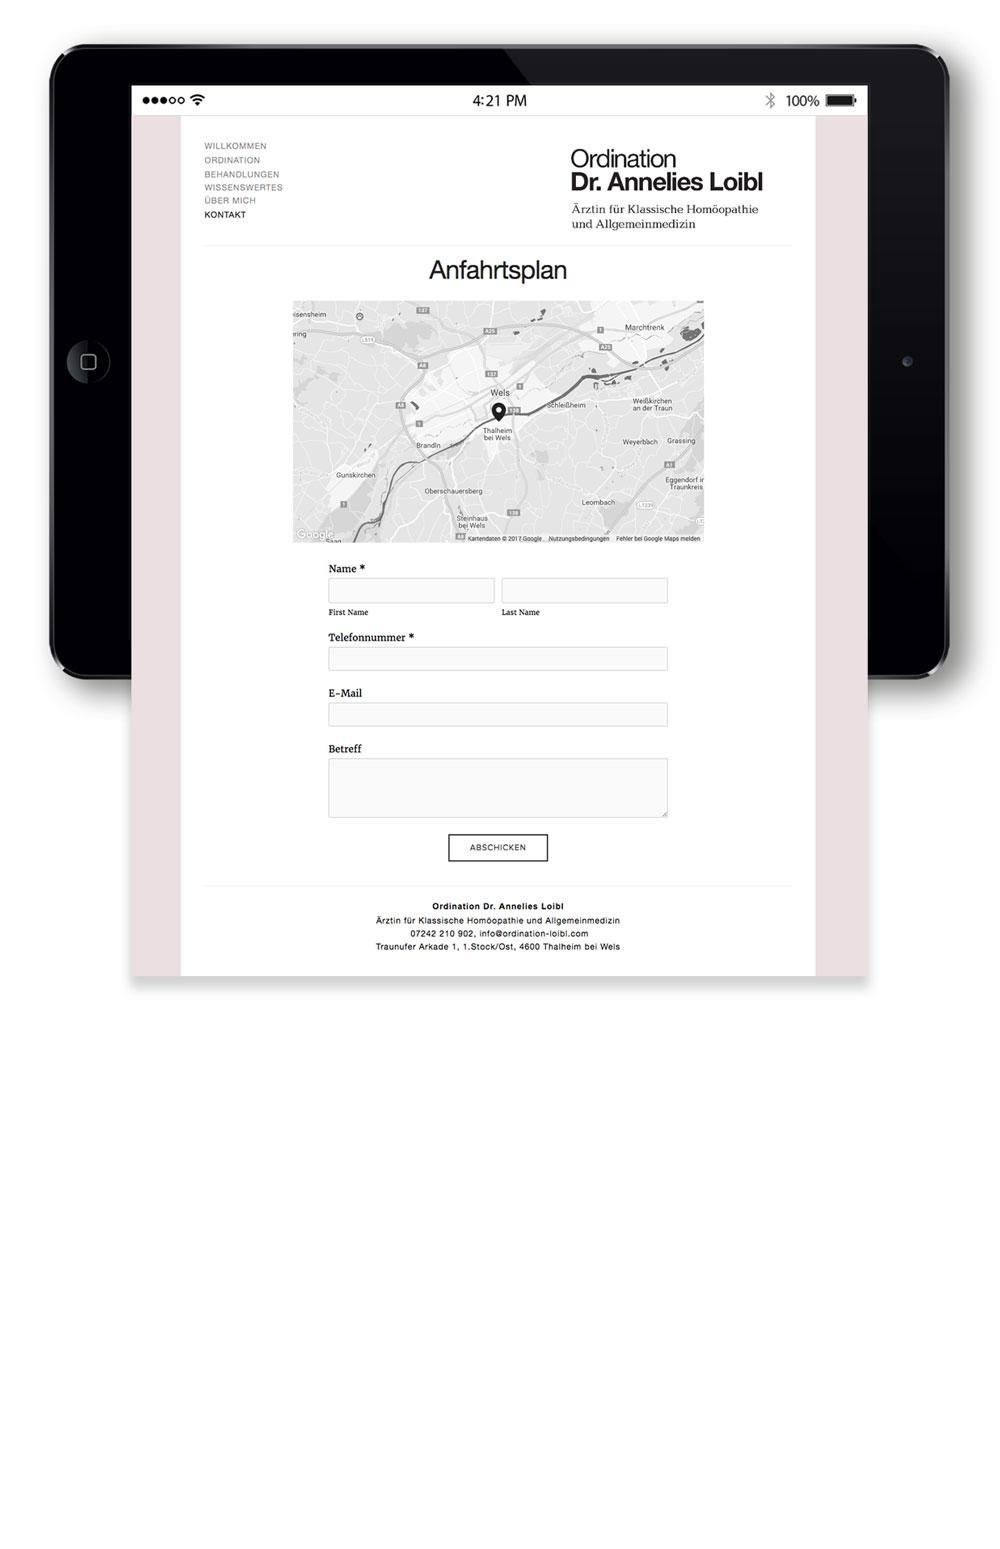 homepage-4-ordination-dr-annelies-loibl-designkitchen.jpg